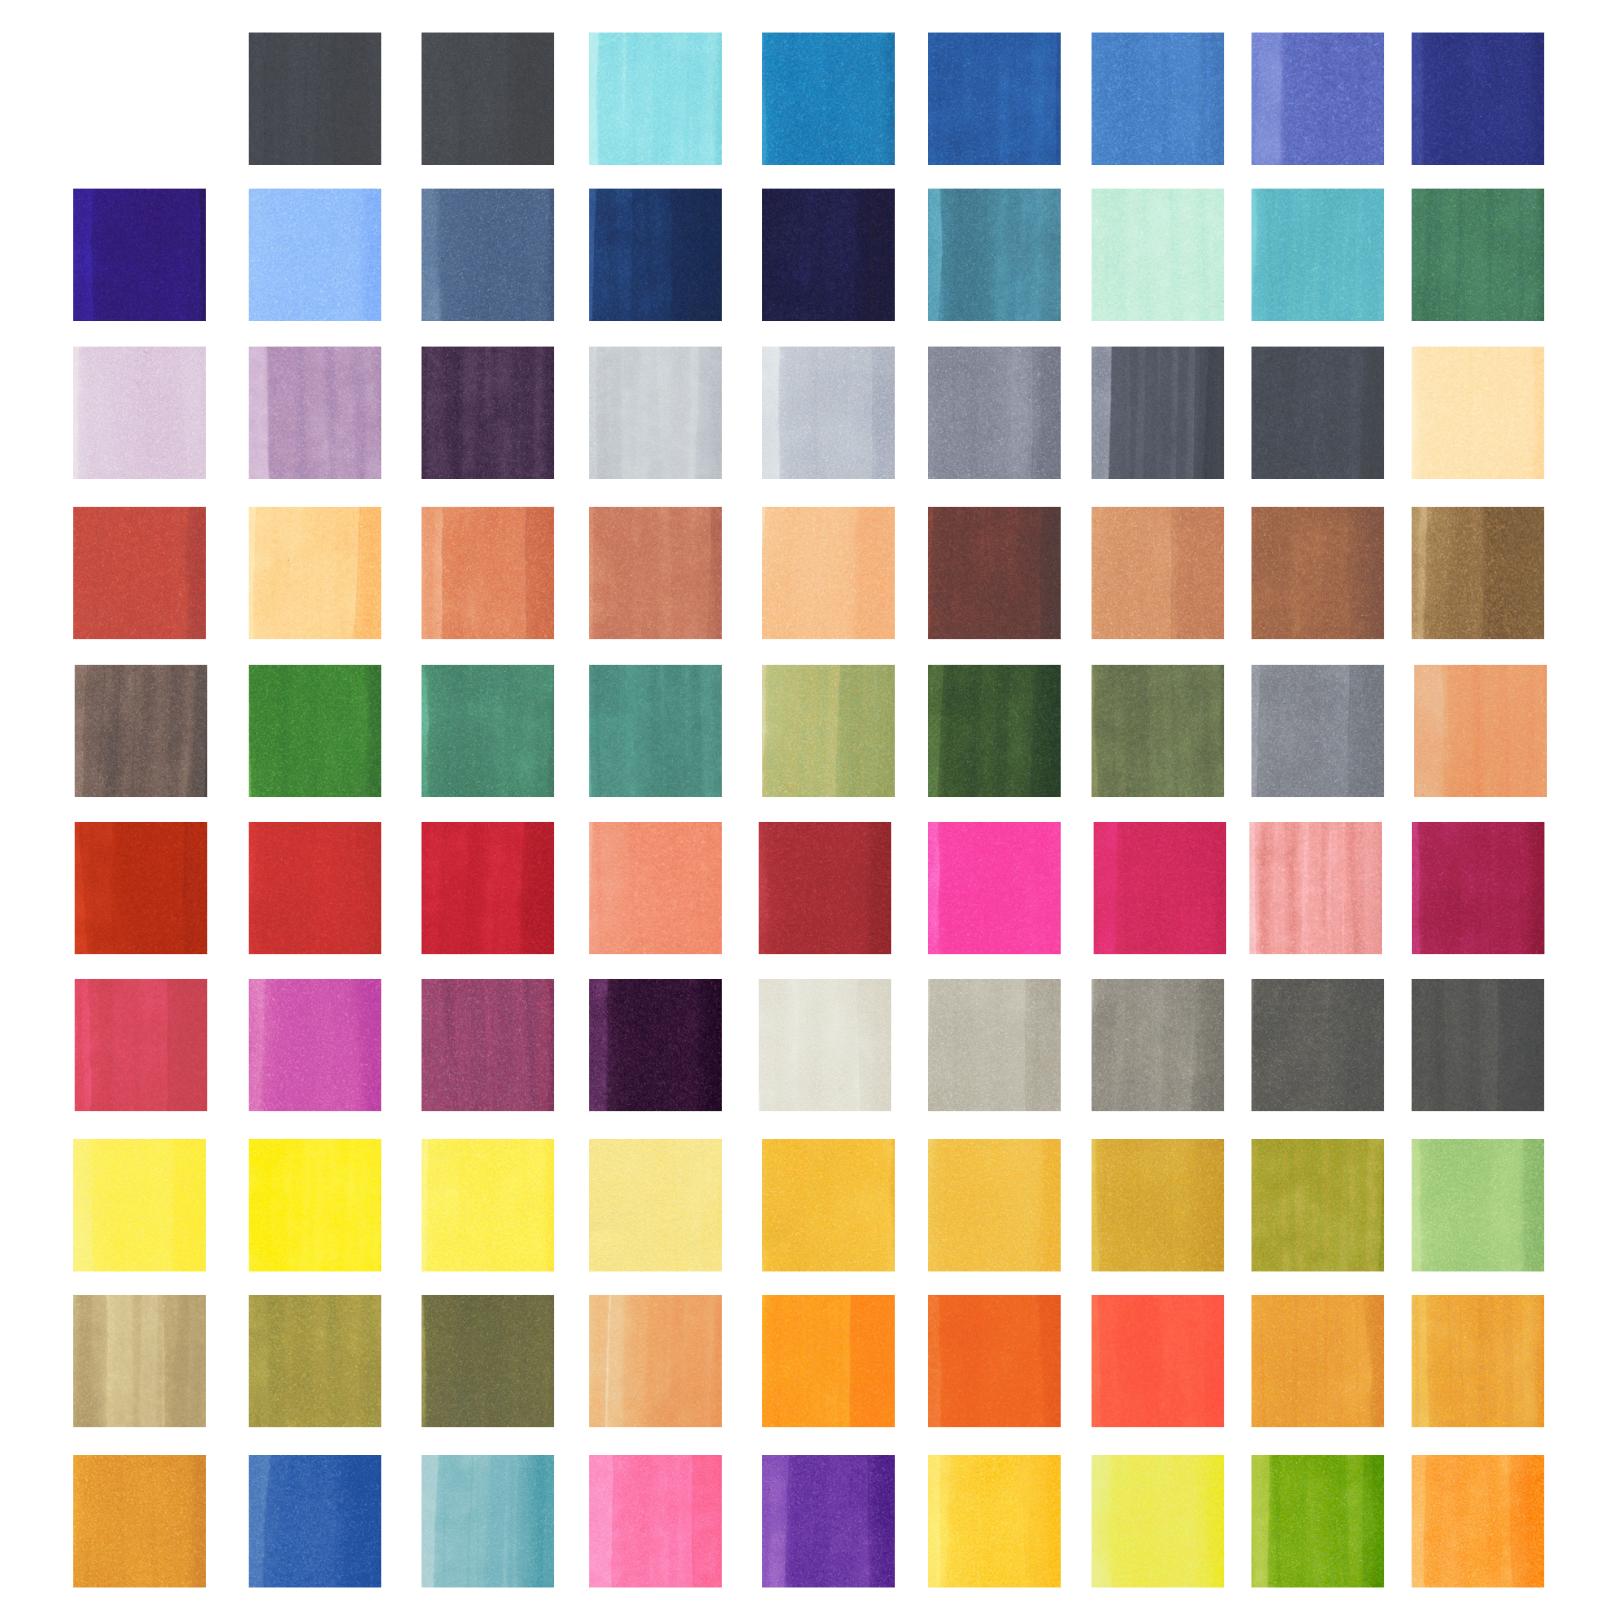 Copic Sketch Marker Display Rack  90 Slots - 3/slot (270 Markers), Starter Set